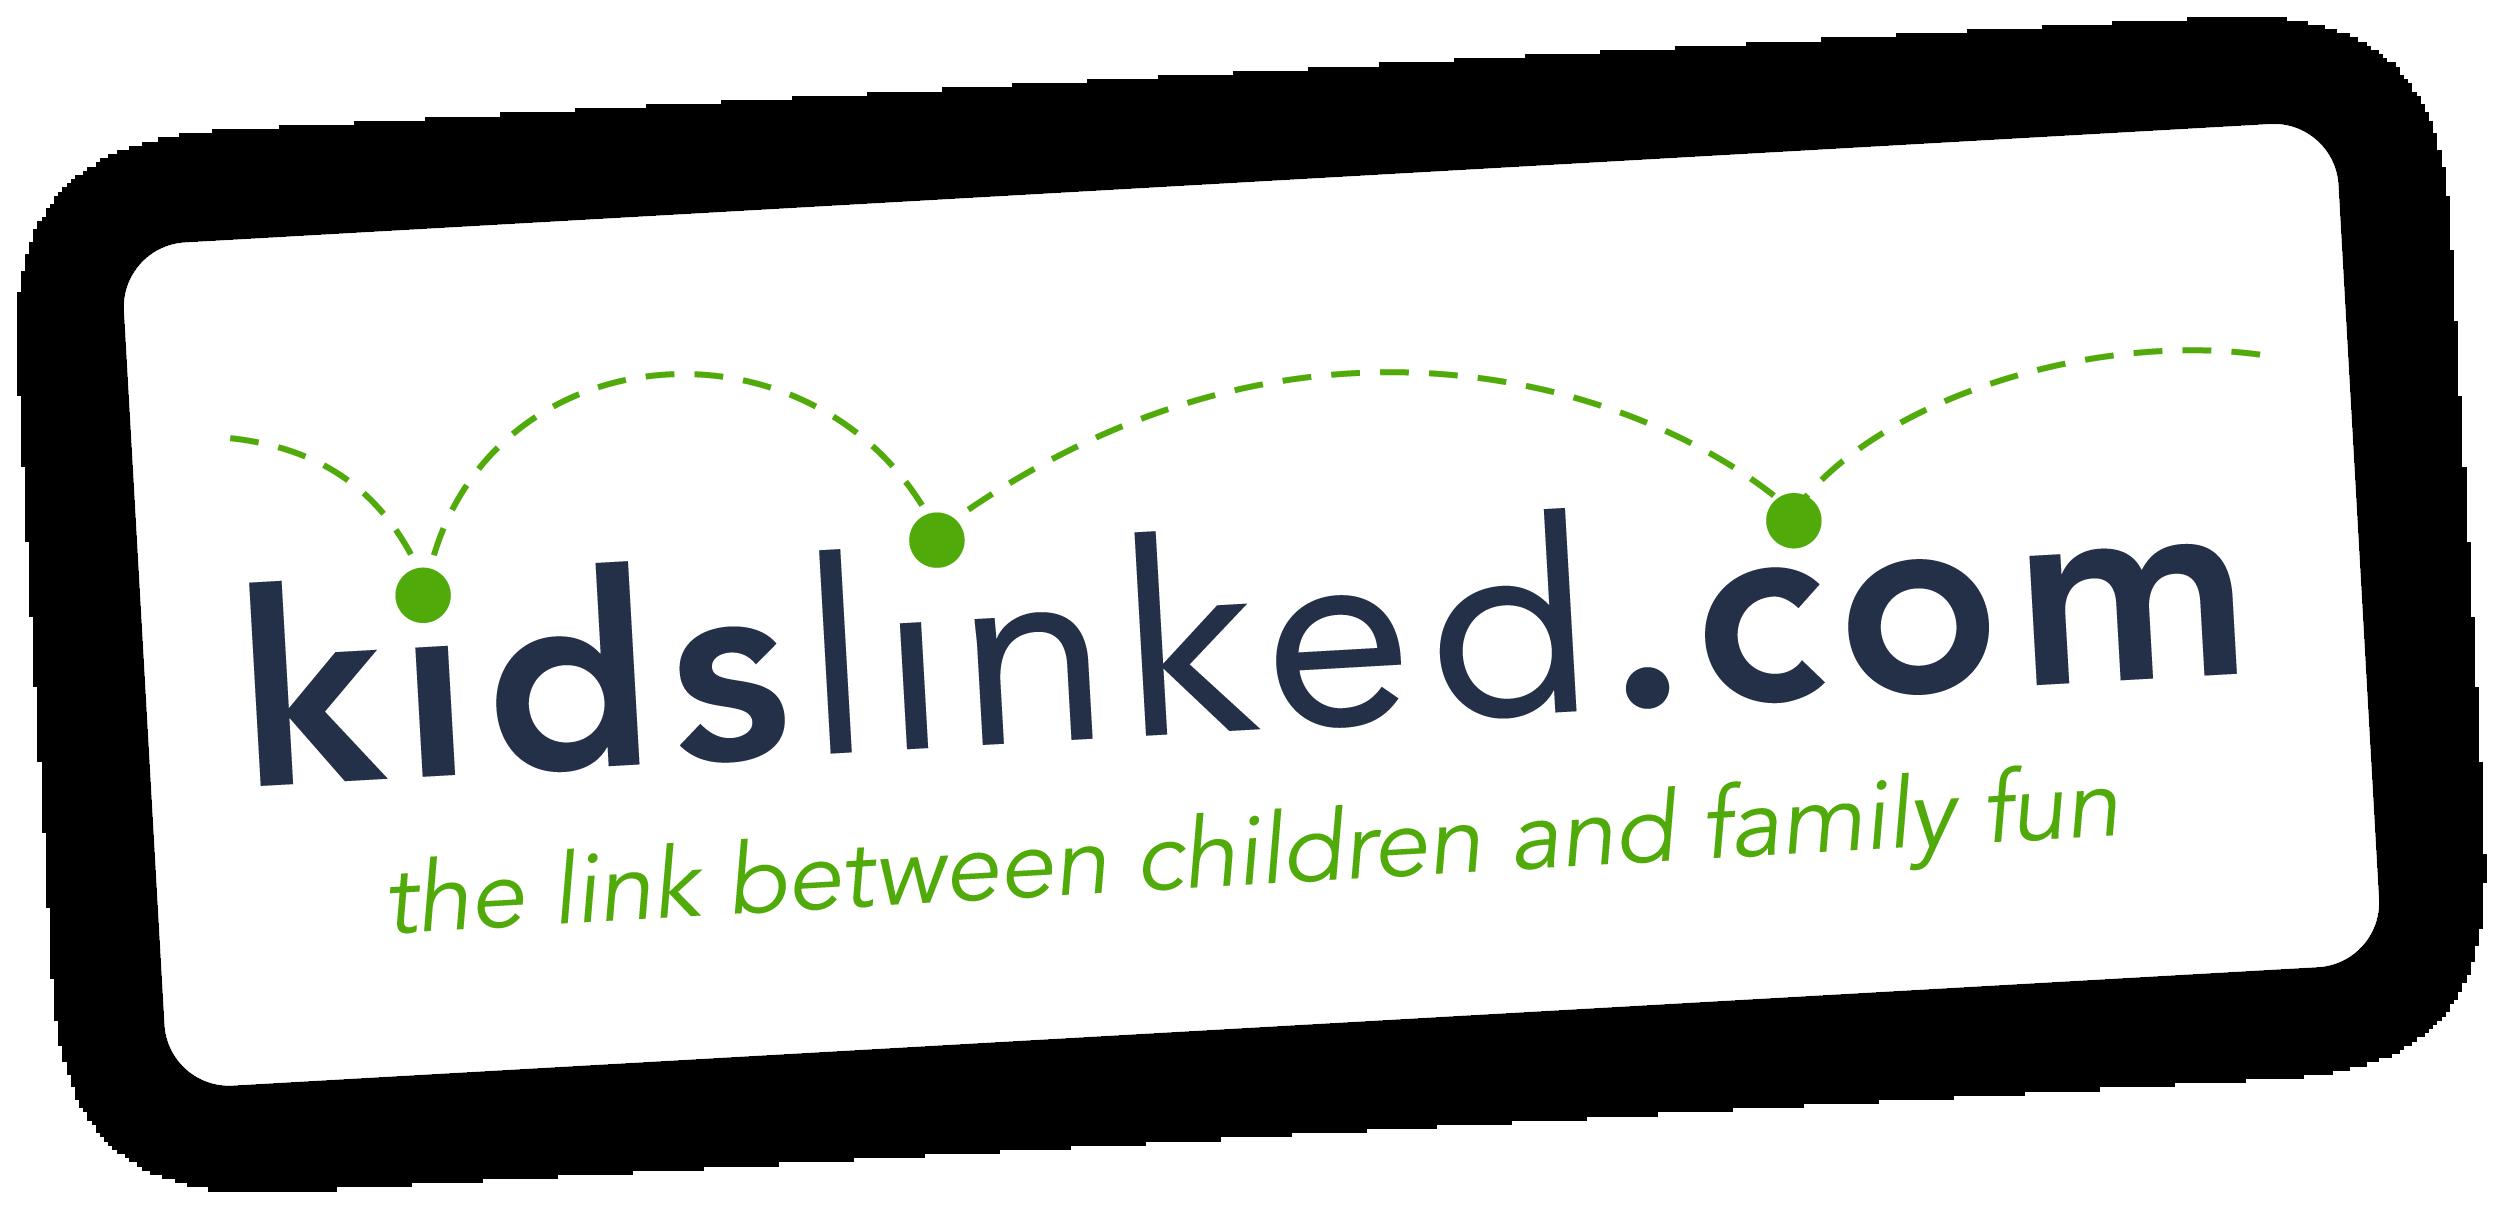 Kidslinked.com Logo